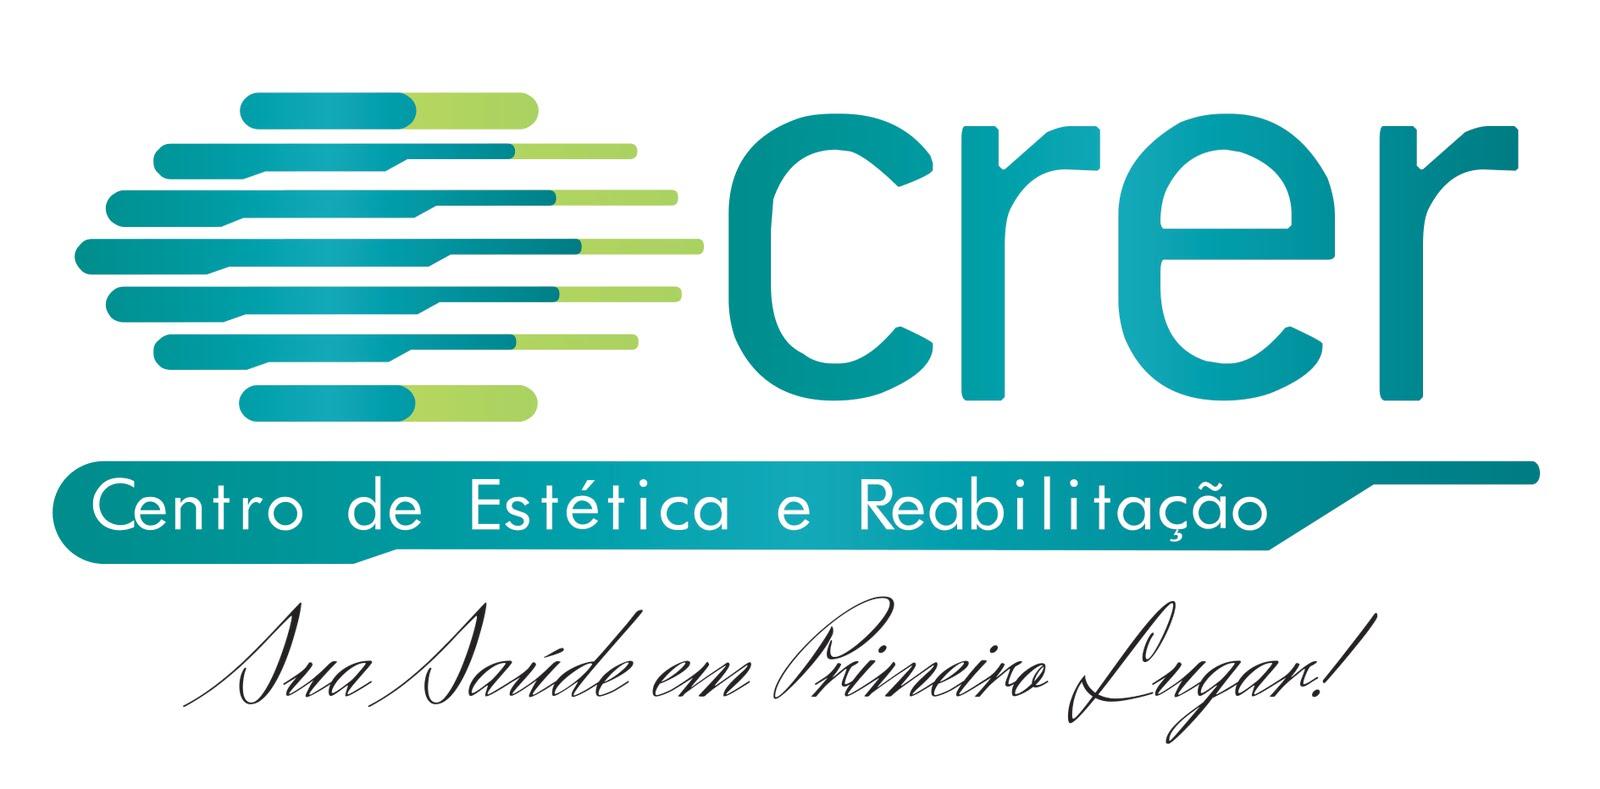 CRER - Centro de Estetica e Reabilitacao